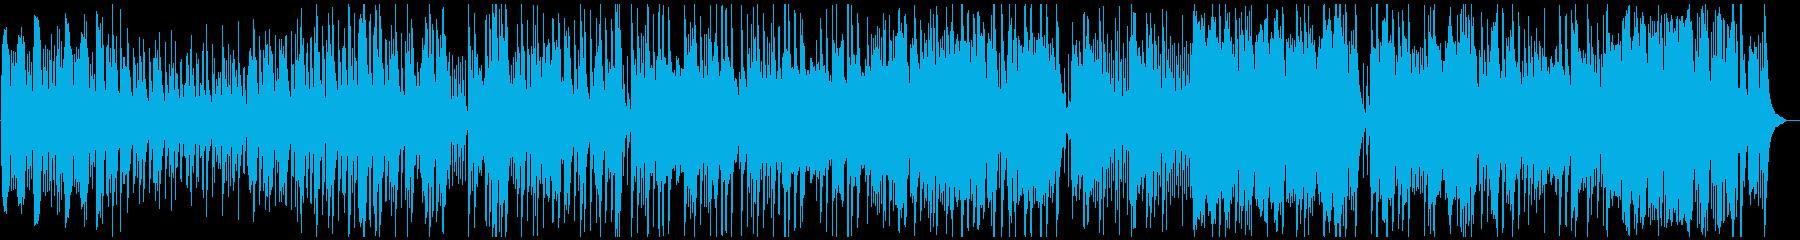 ピアノとグロッケンで切ない気持ちを表現の再生済みの波形